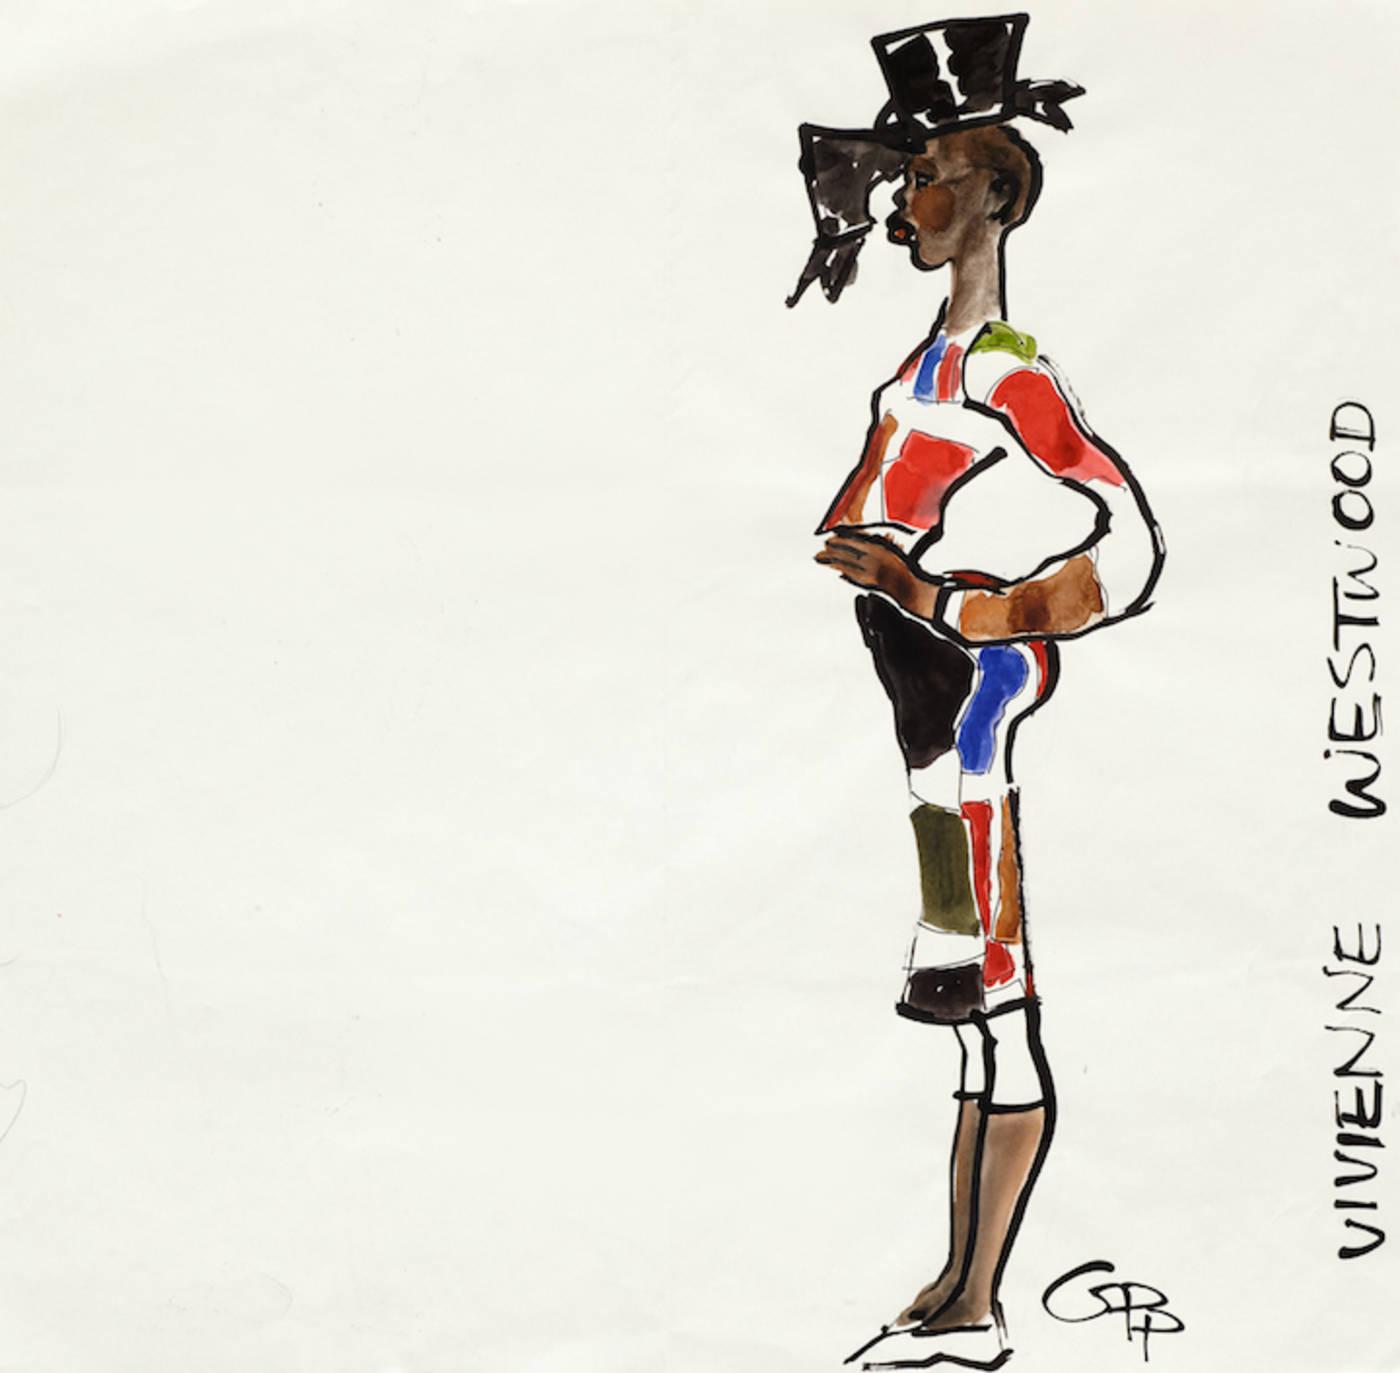 Alek Wek in Vivienne Westwood F/W 1998/99